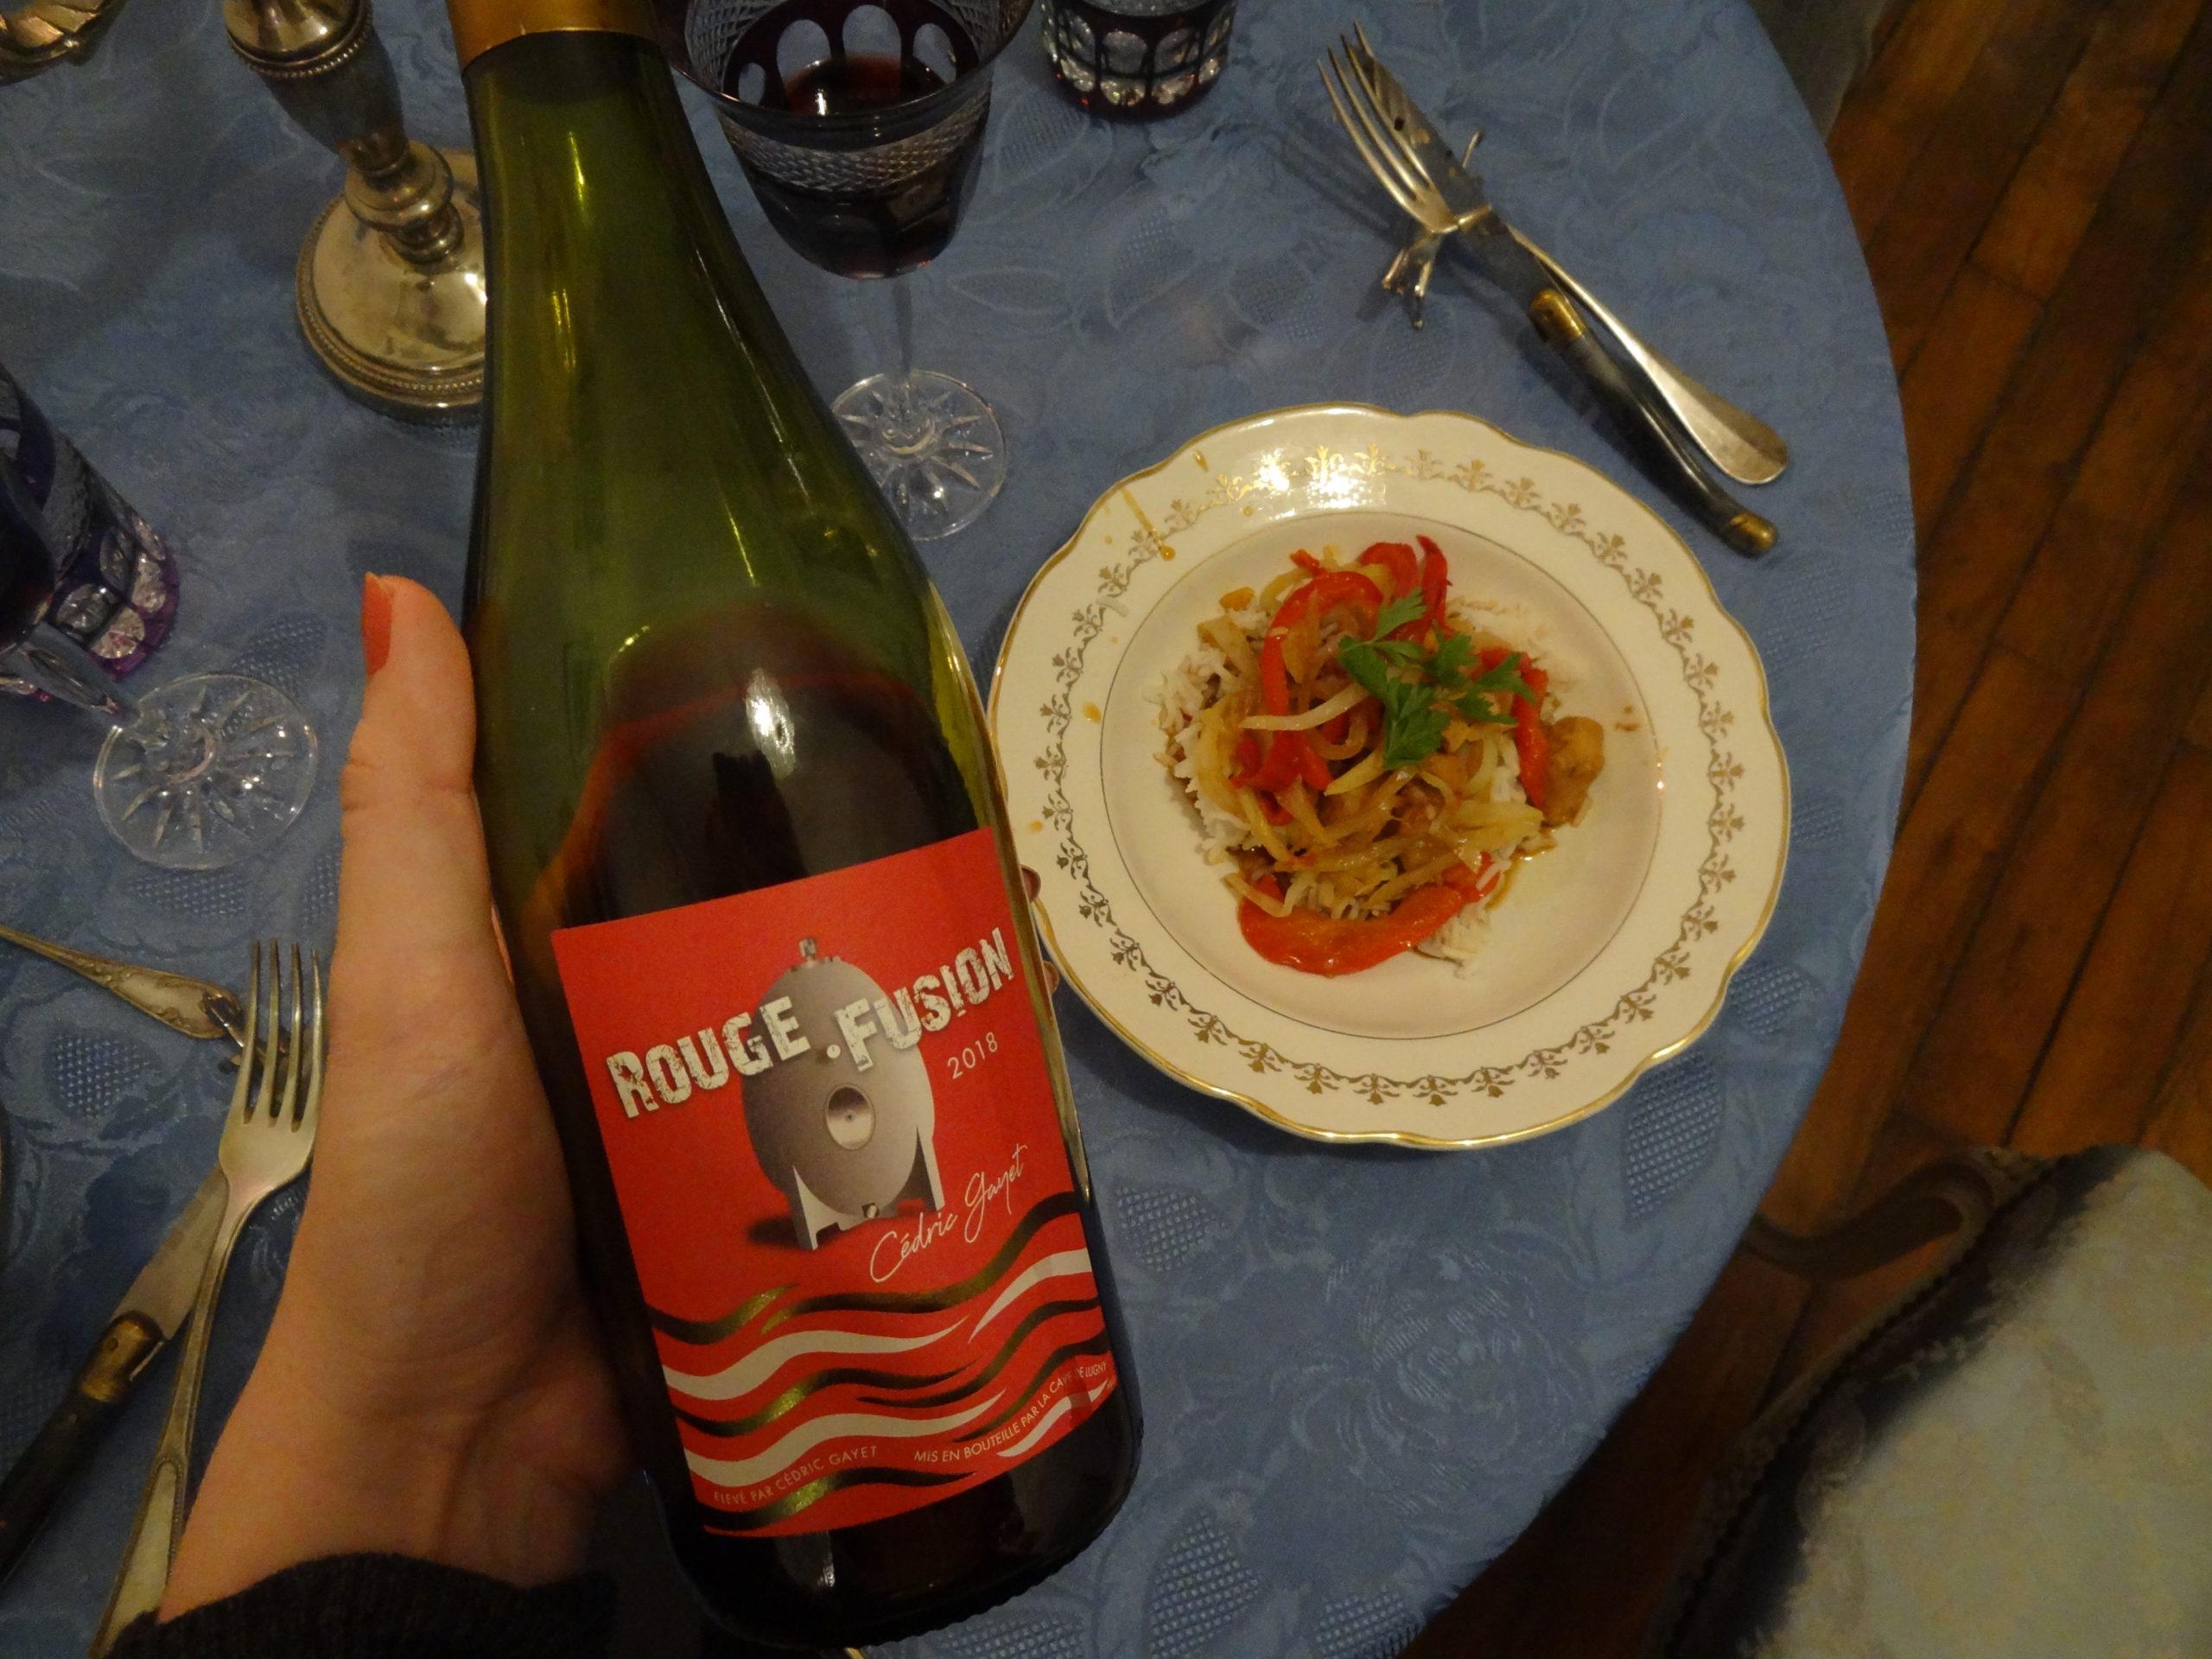 La Cave de Lugny - Rouge Fusion – la rencontre exquise du Pinot Noir et du Gamay